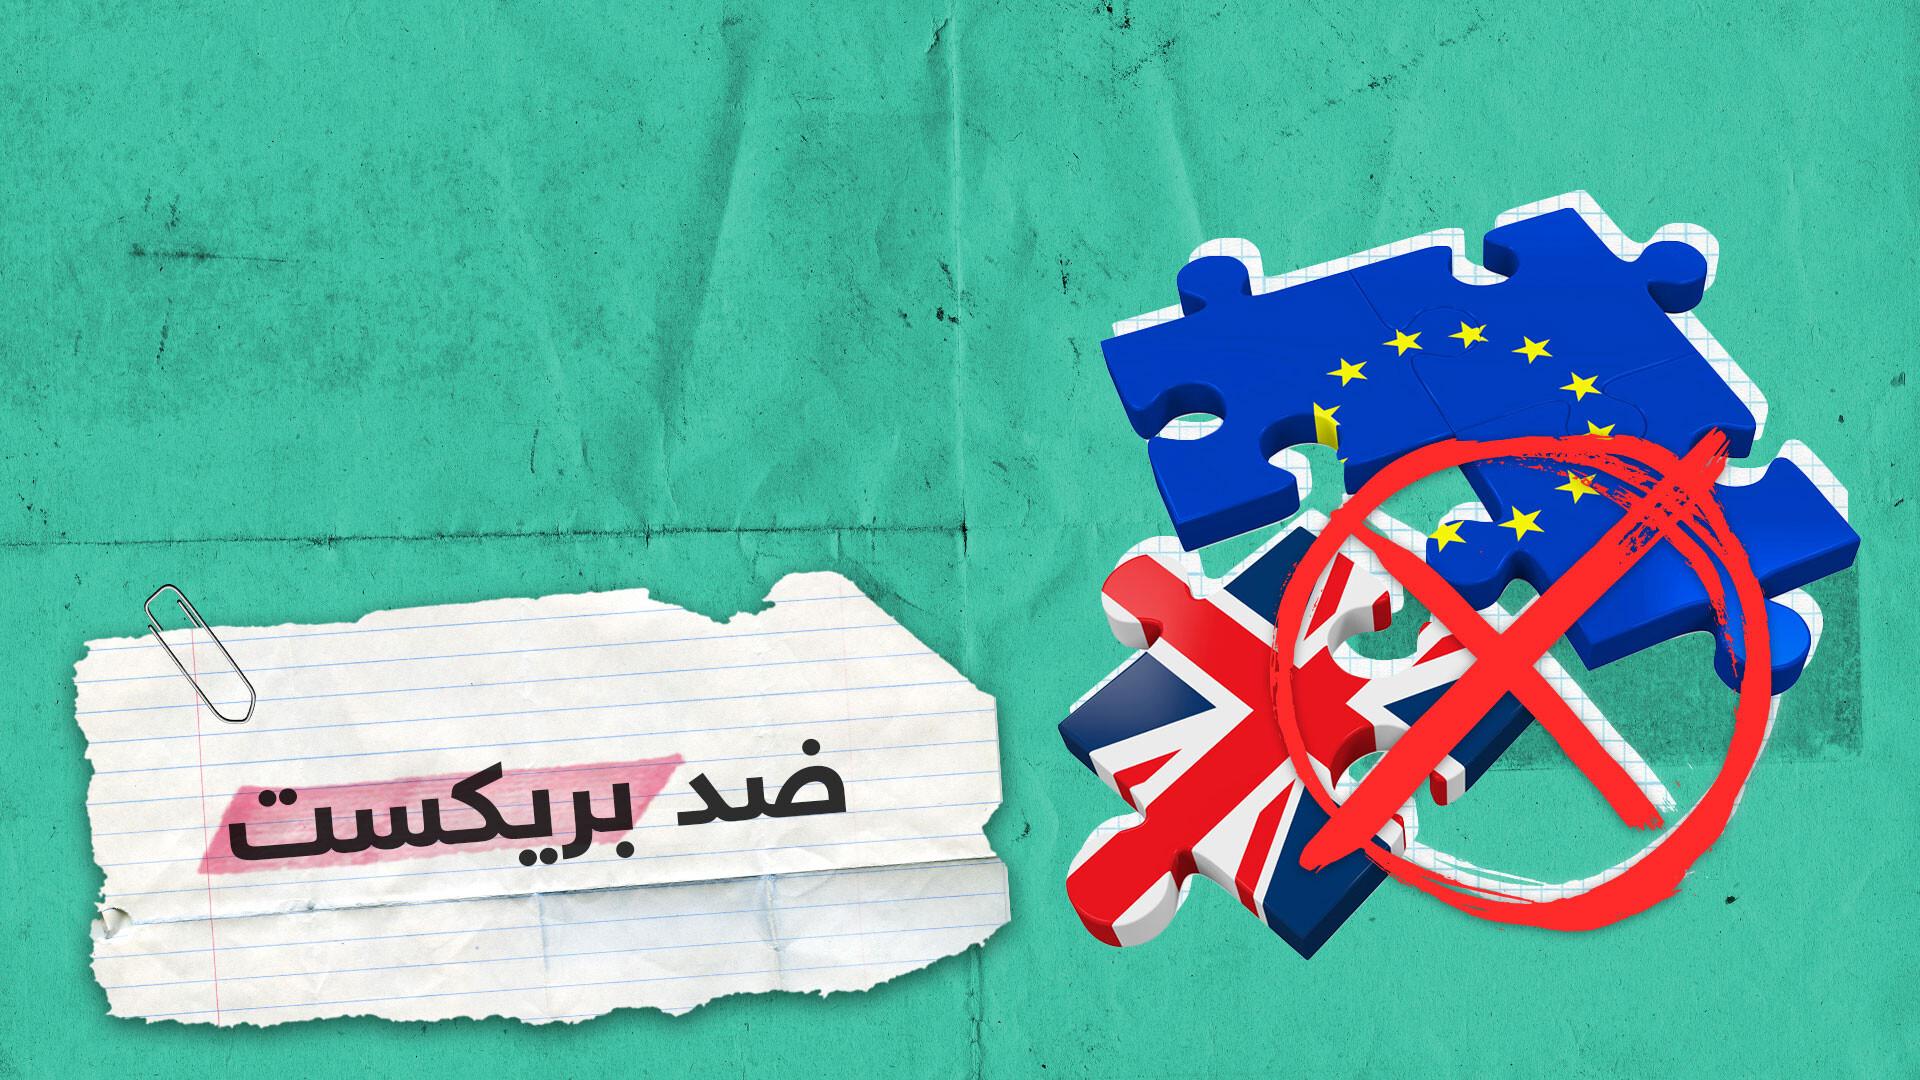 ضد بريكست.. بريطانيون يتظاهرون في إسبانيا قلقًا على مستقبلهم